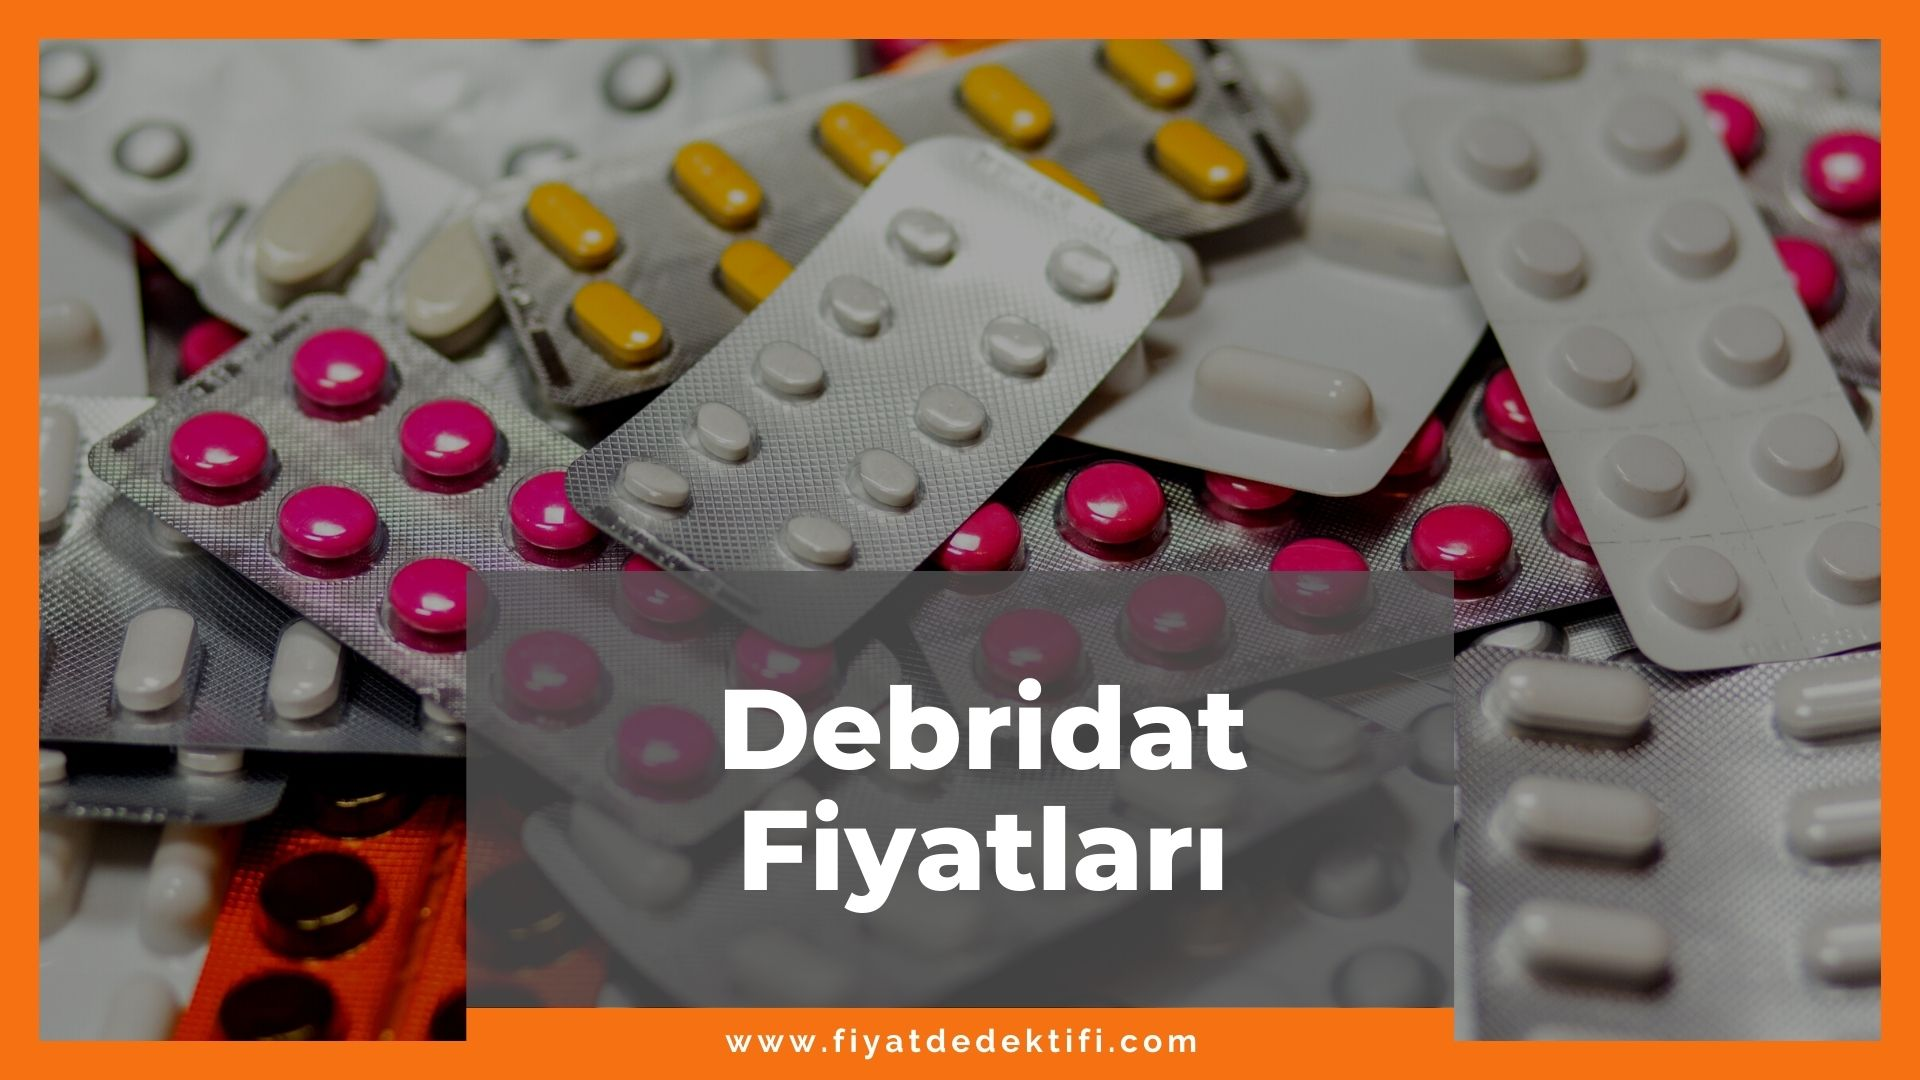 Debridat Fiyat 2021, Debridat Forte Fiyatı, Debridat Süspansiyon Fiyatı, debridat zamlandı mı, debridat zamlı fiyatı ne kadar kaç tl